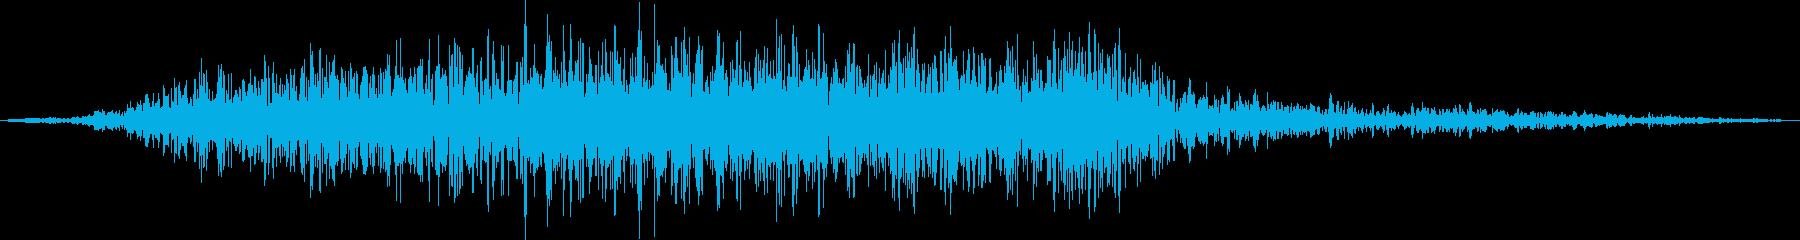 【ゲーム】 火 属性 04の再生済みの波形